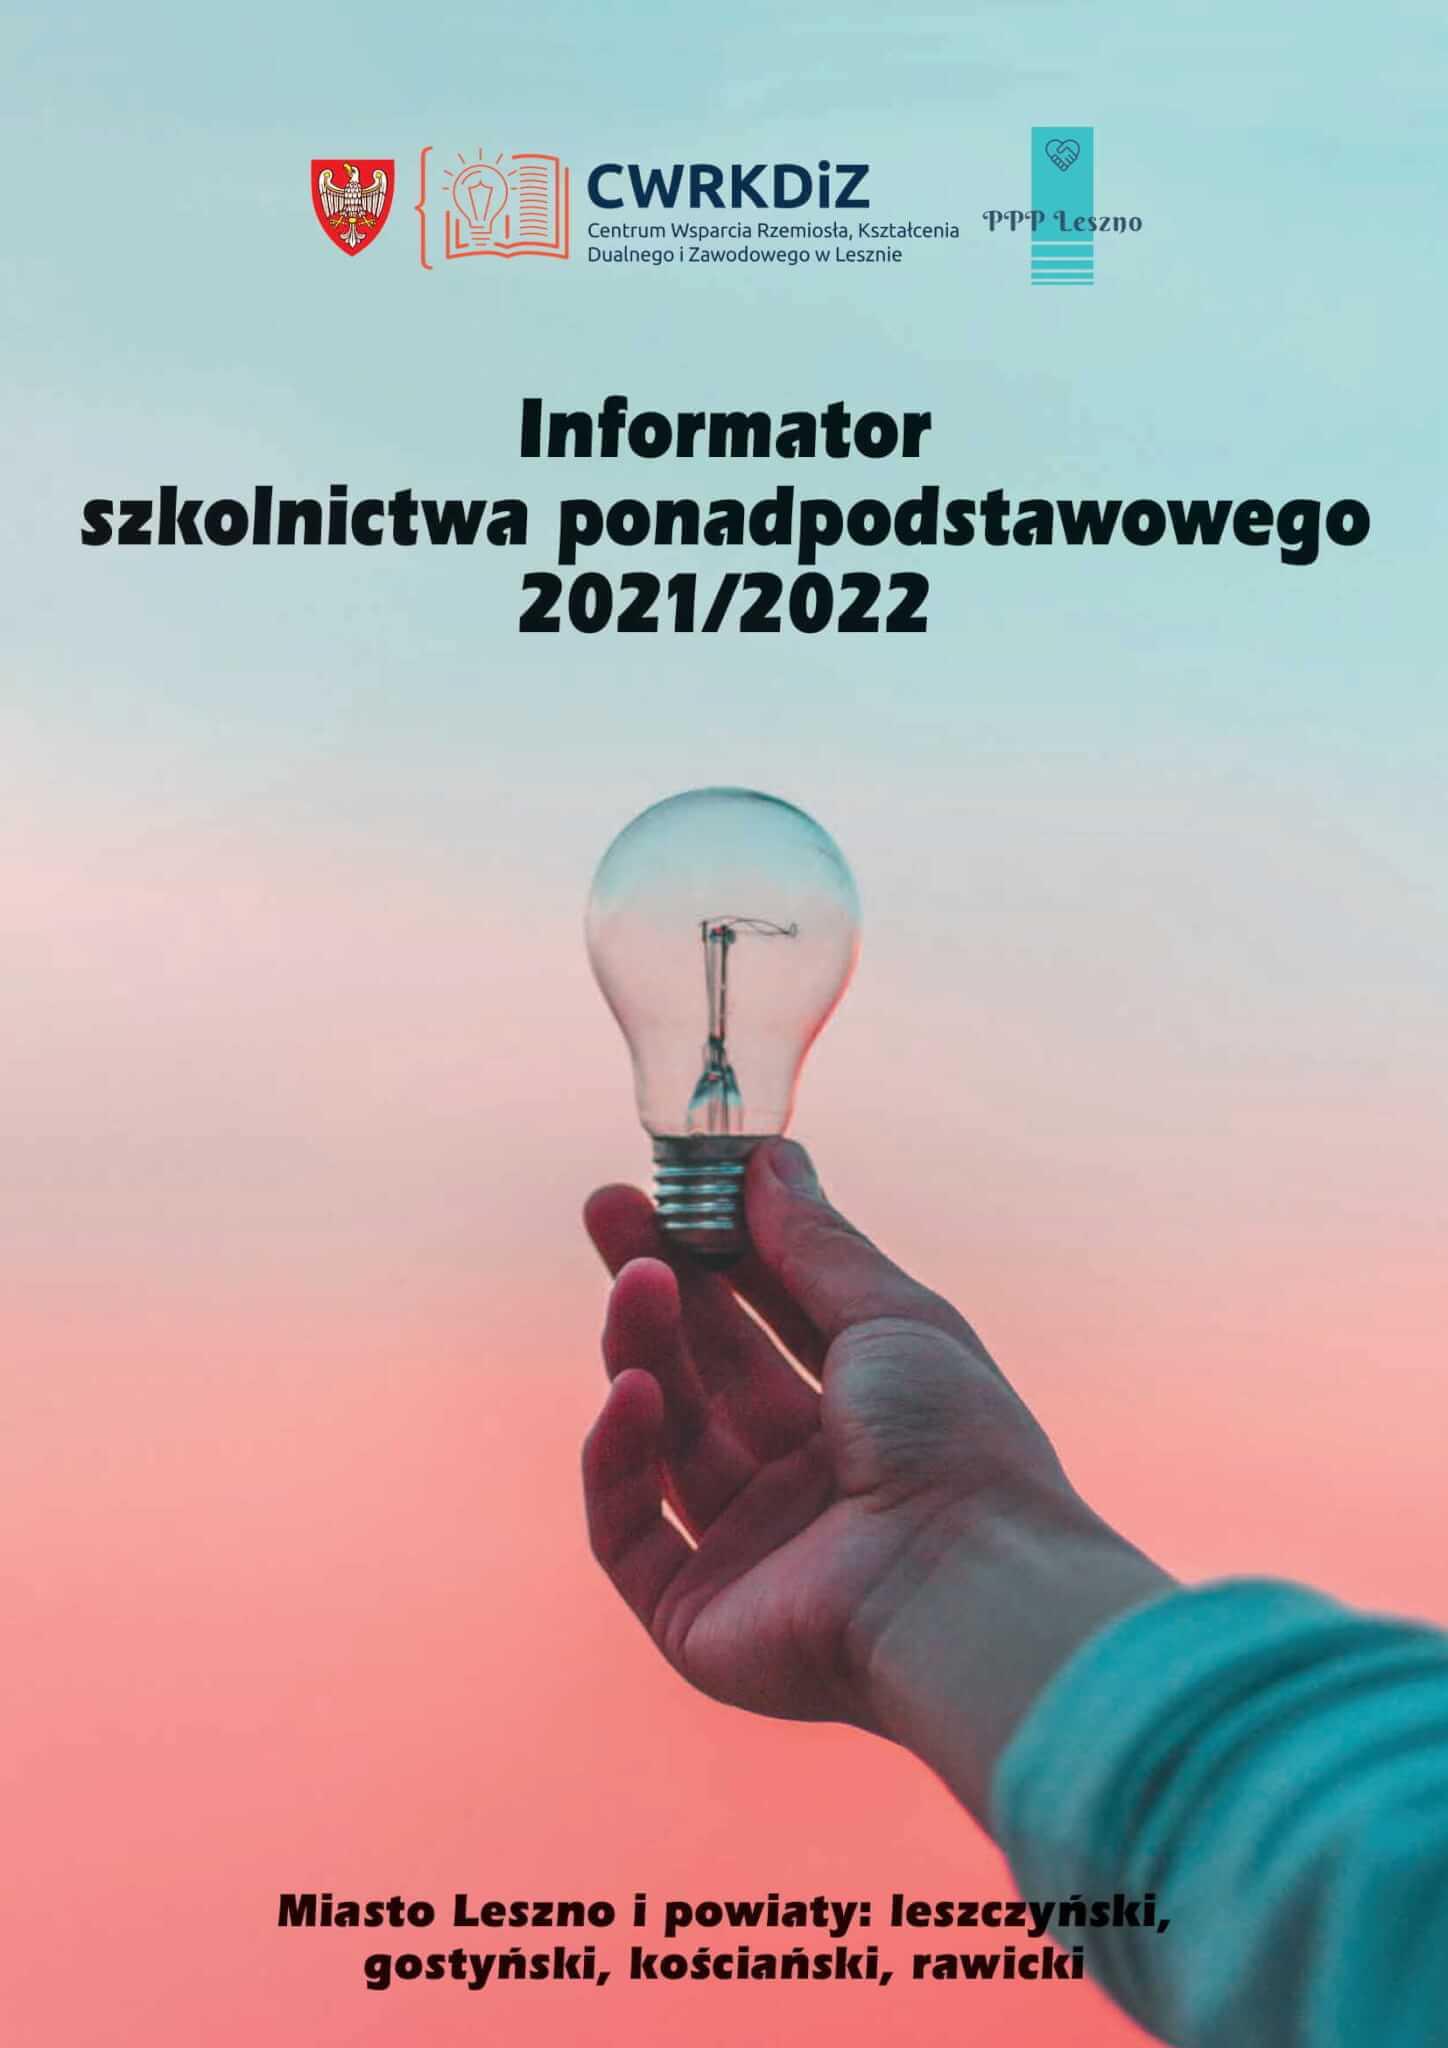 Informator Szkolnictwa Ponadpodstawowego 2021/2022